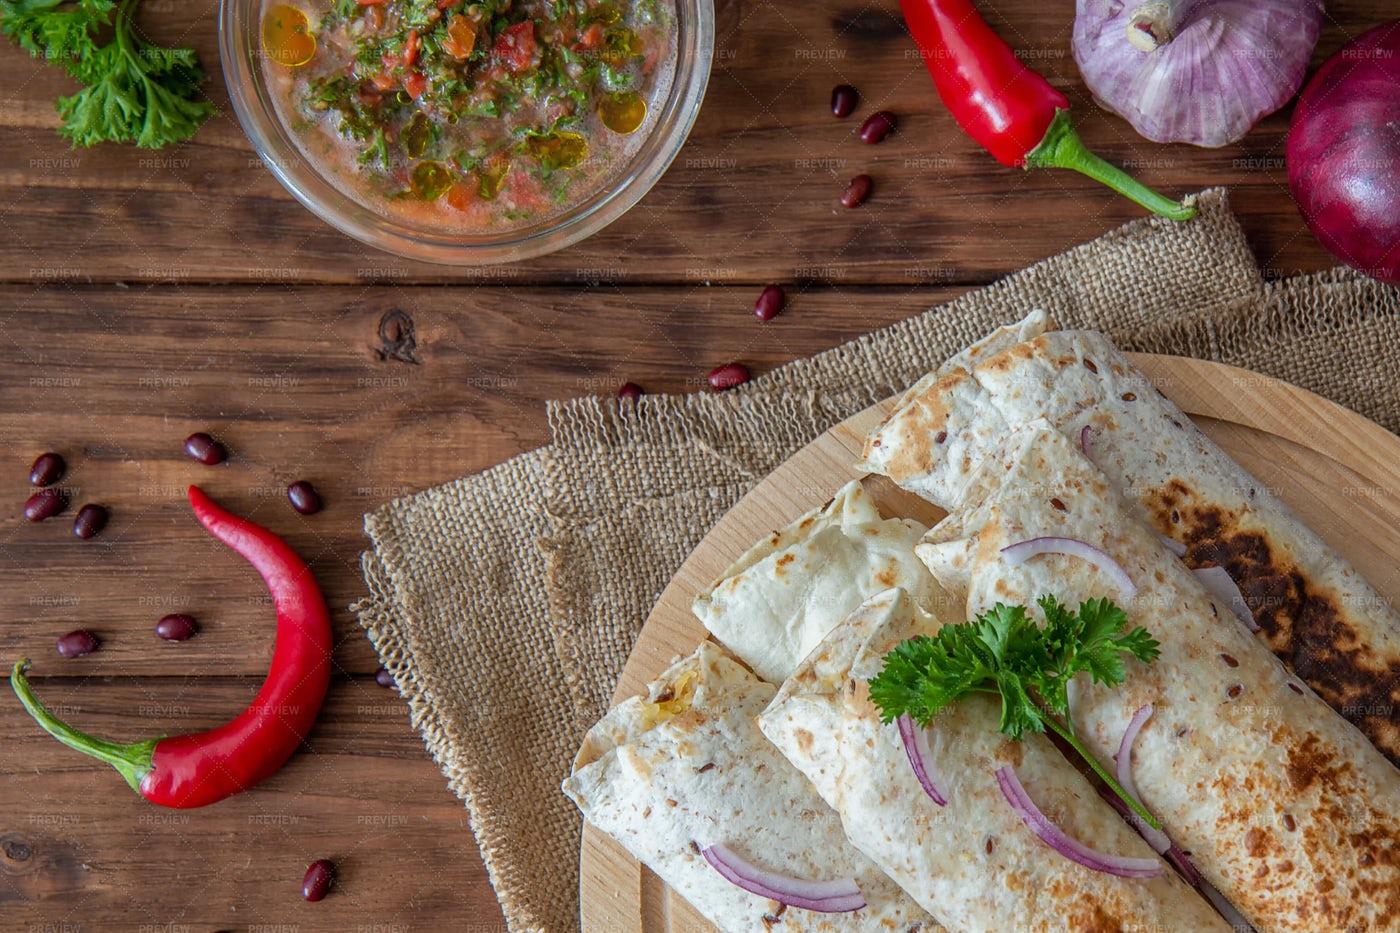 Prepared Burritos: Stock Photos